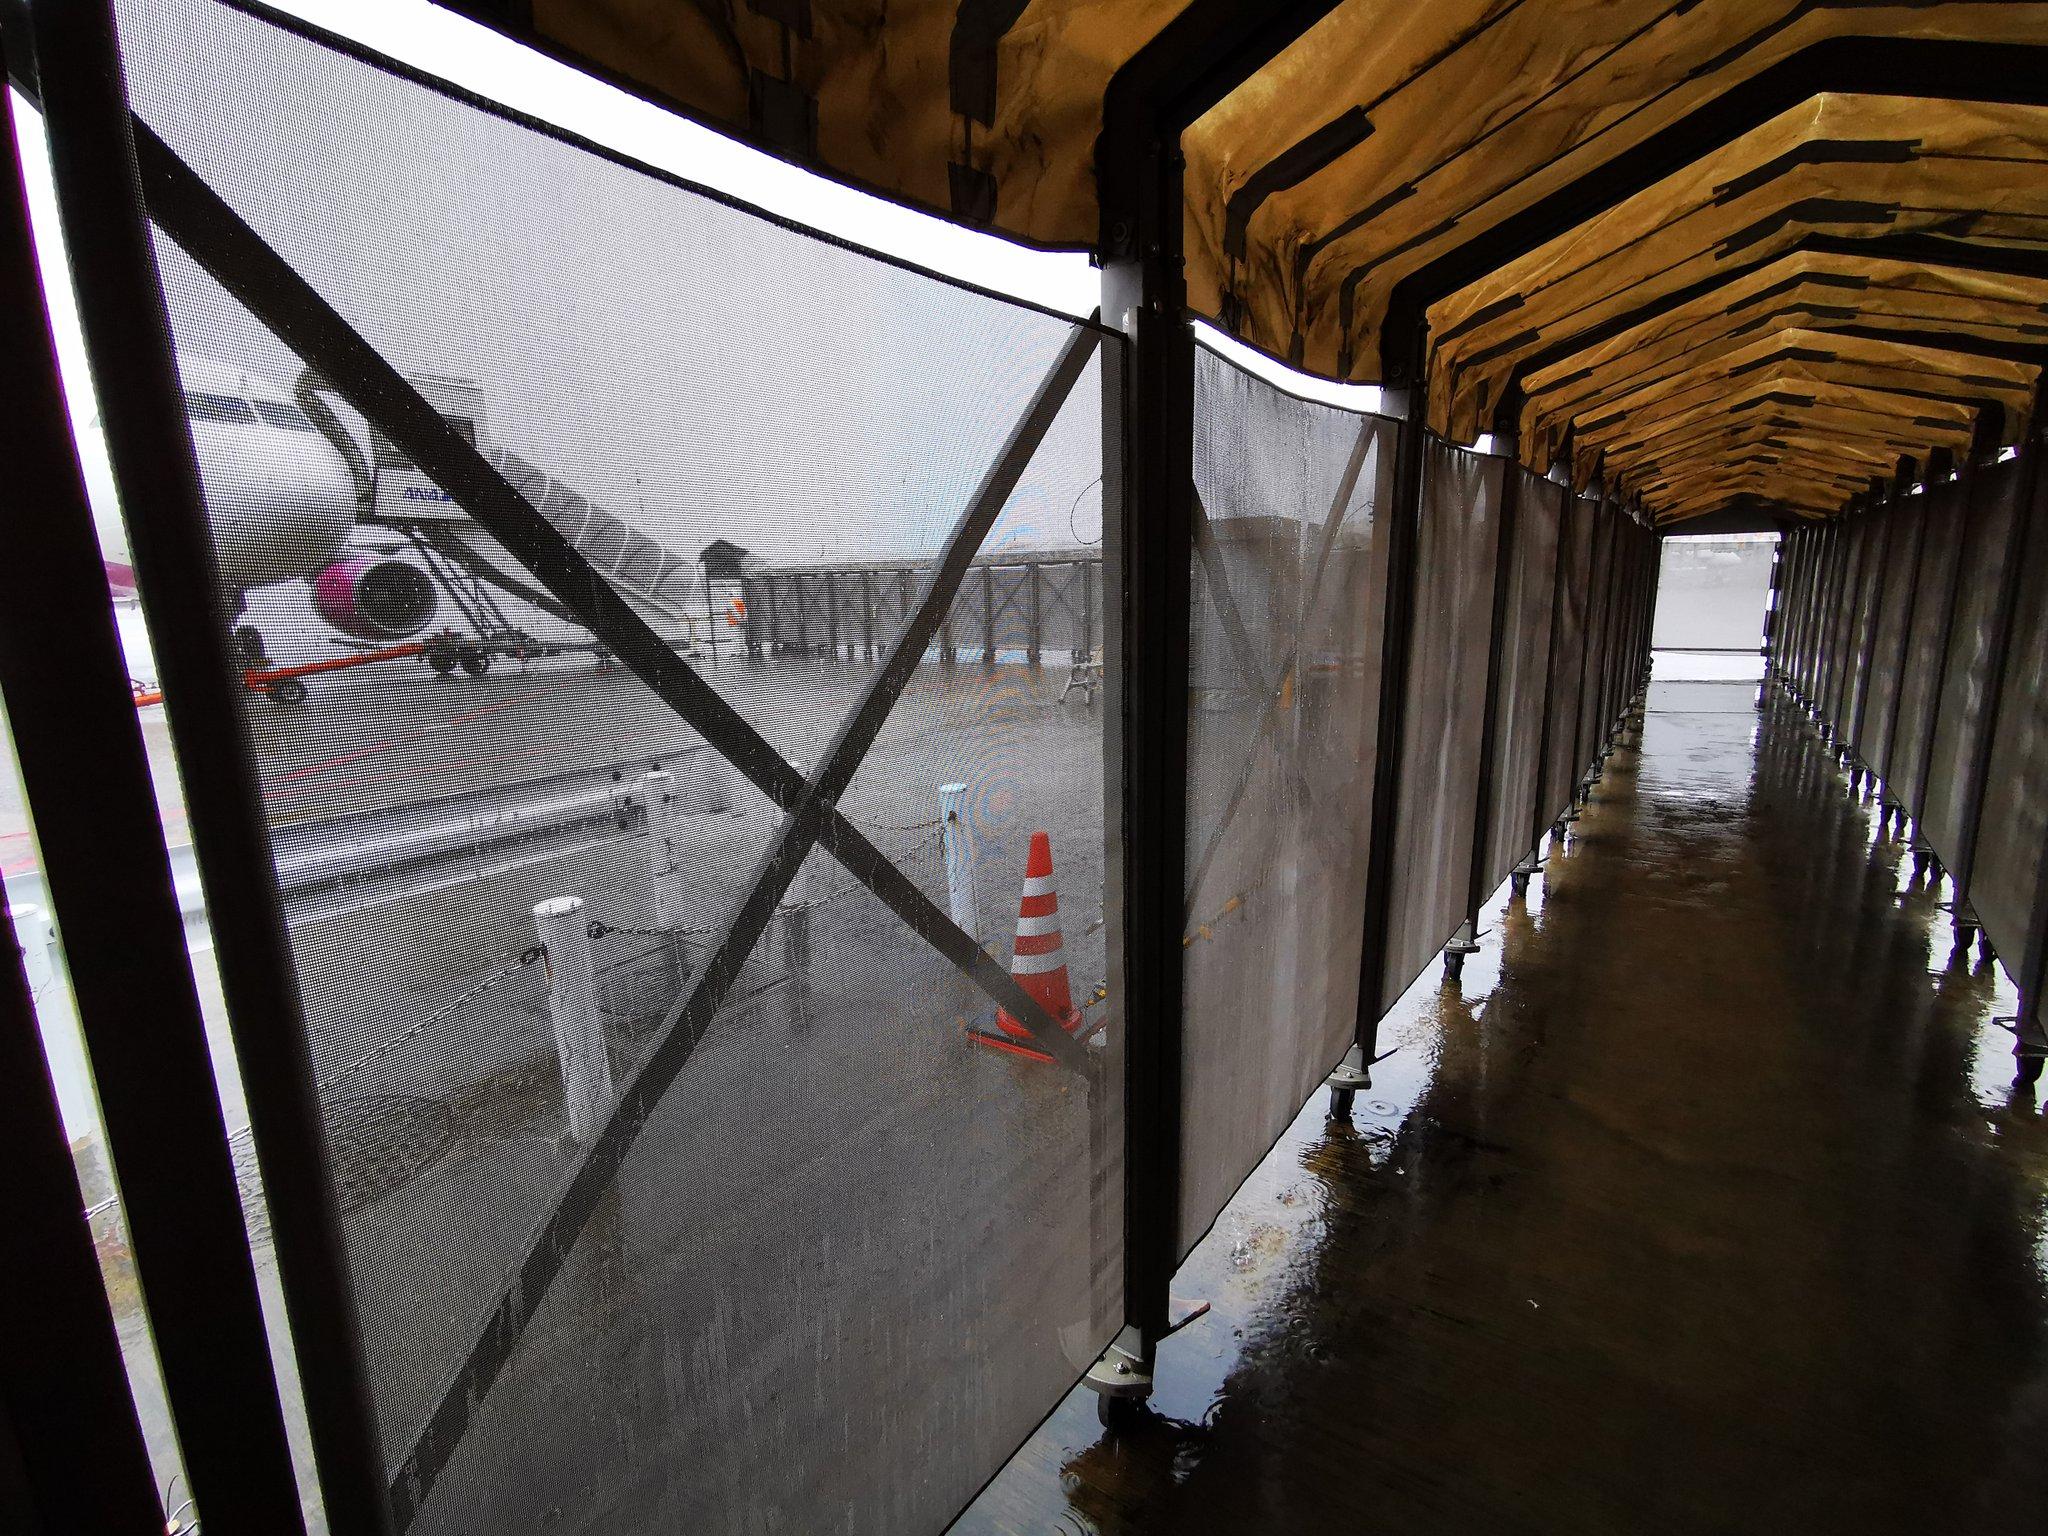 成田空港第三ターミナルwww「お前らは貧民!」と徹底的に叩き込ませる造りに感動www